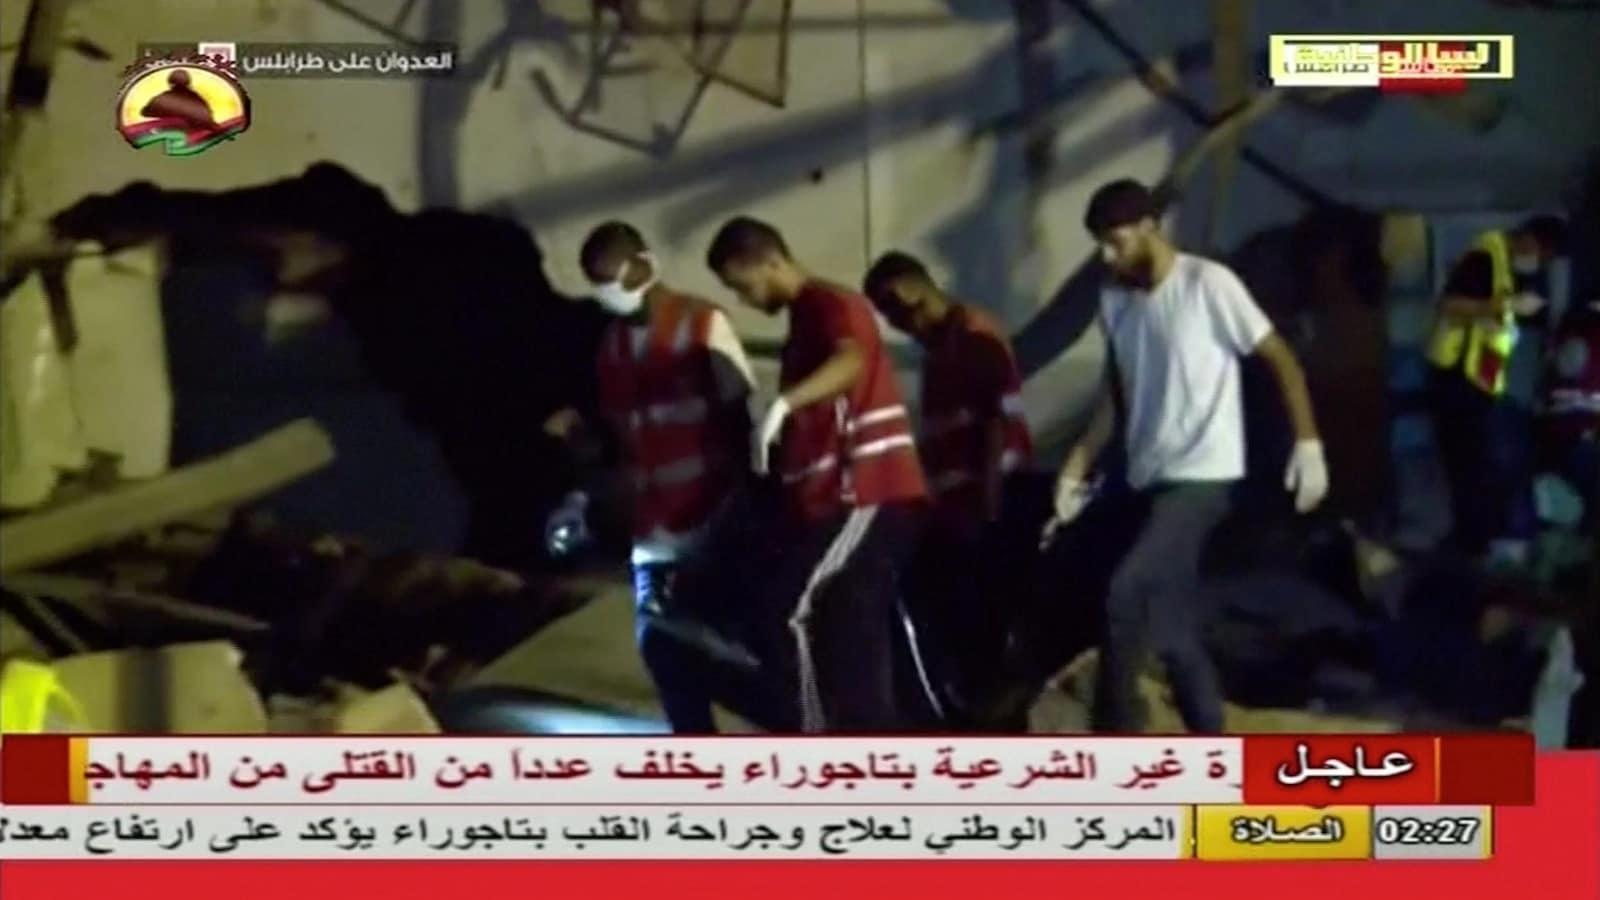 Plus de 40 migrants tués dans un raid aérien en Libye